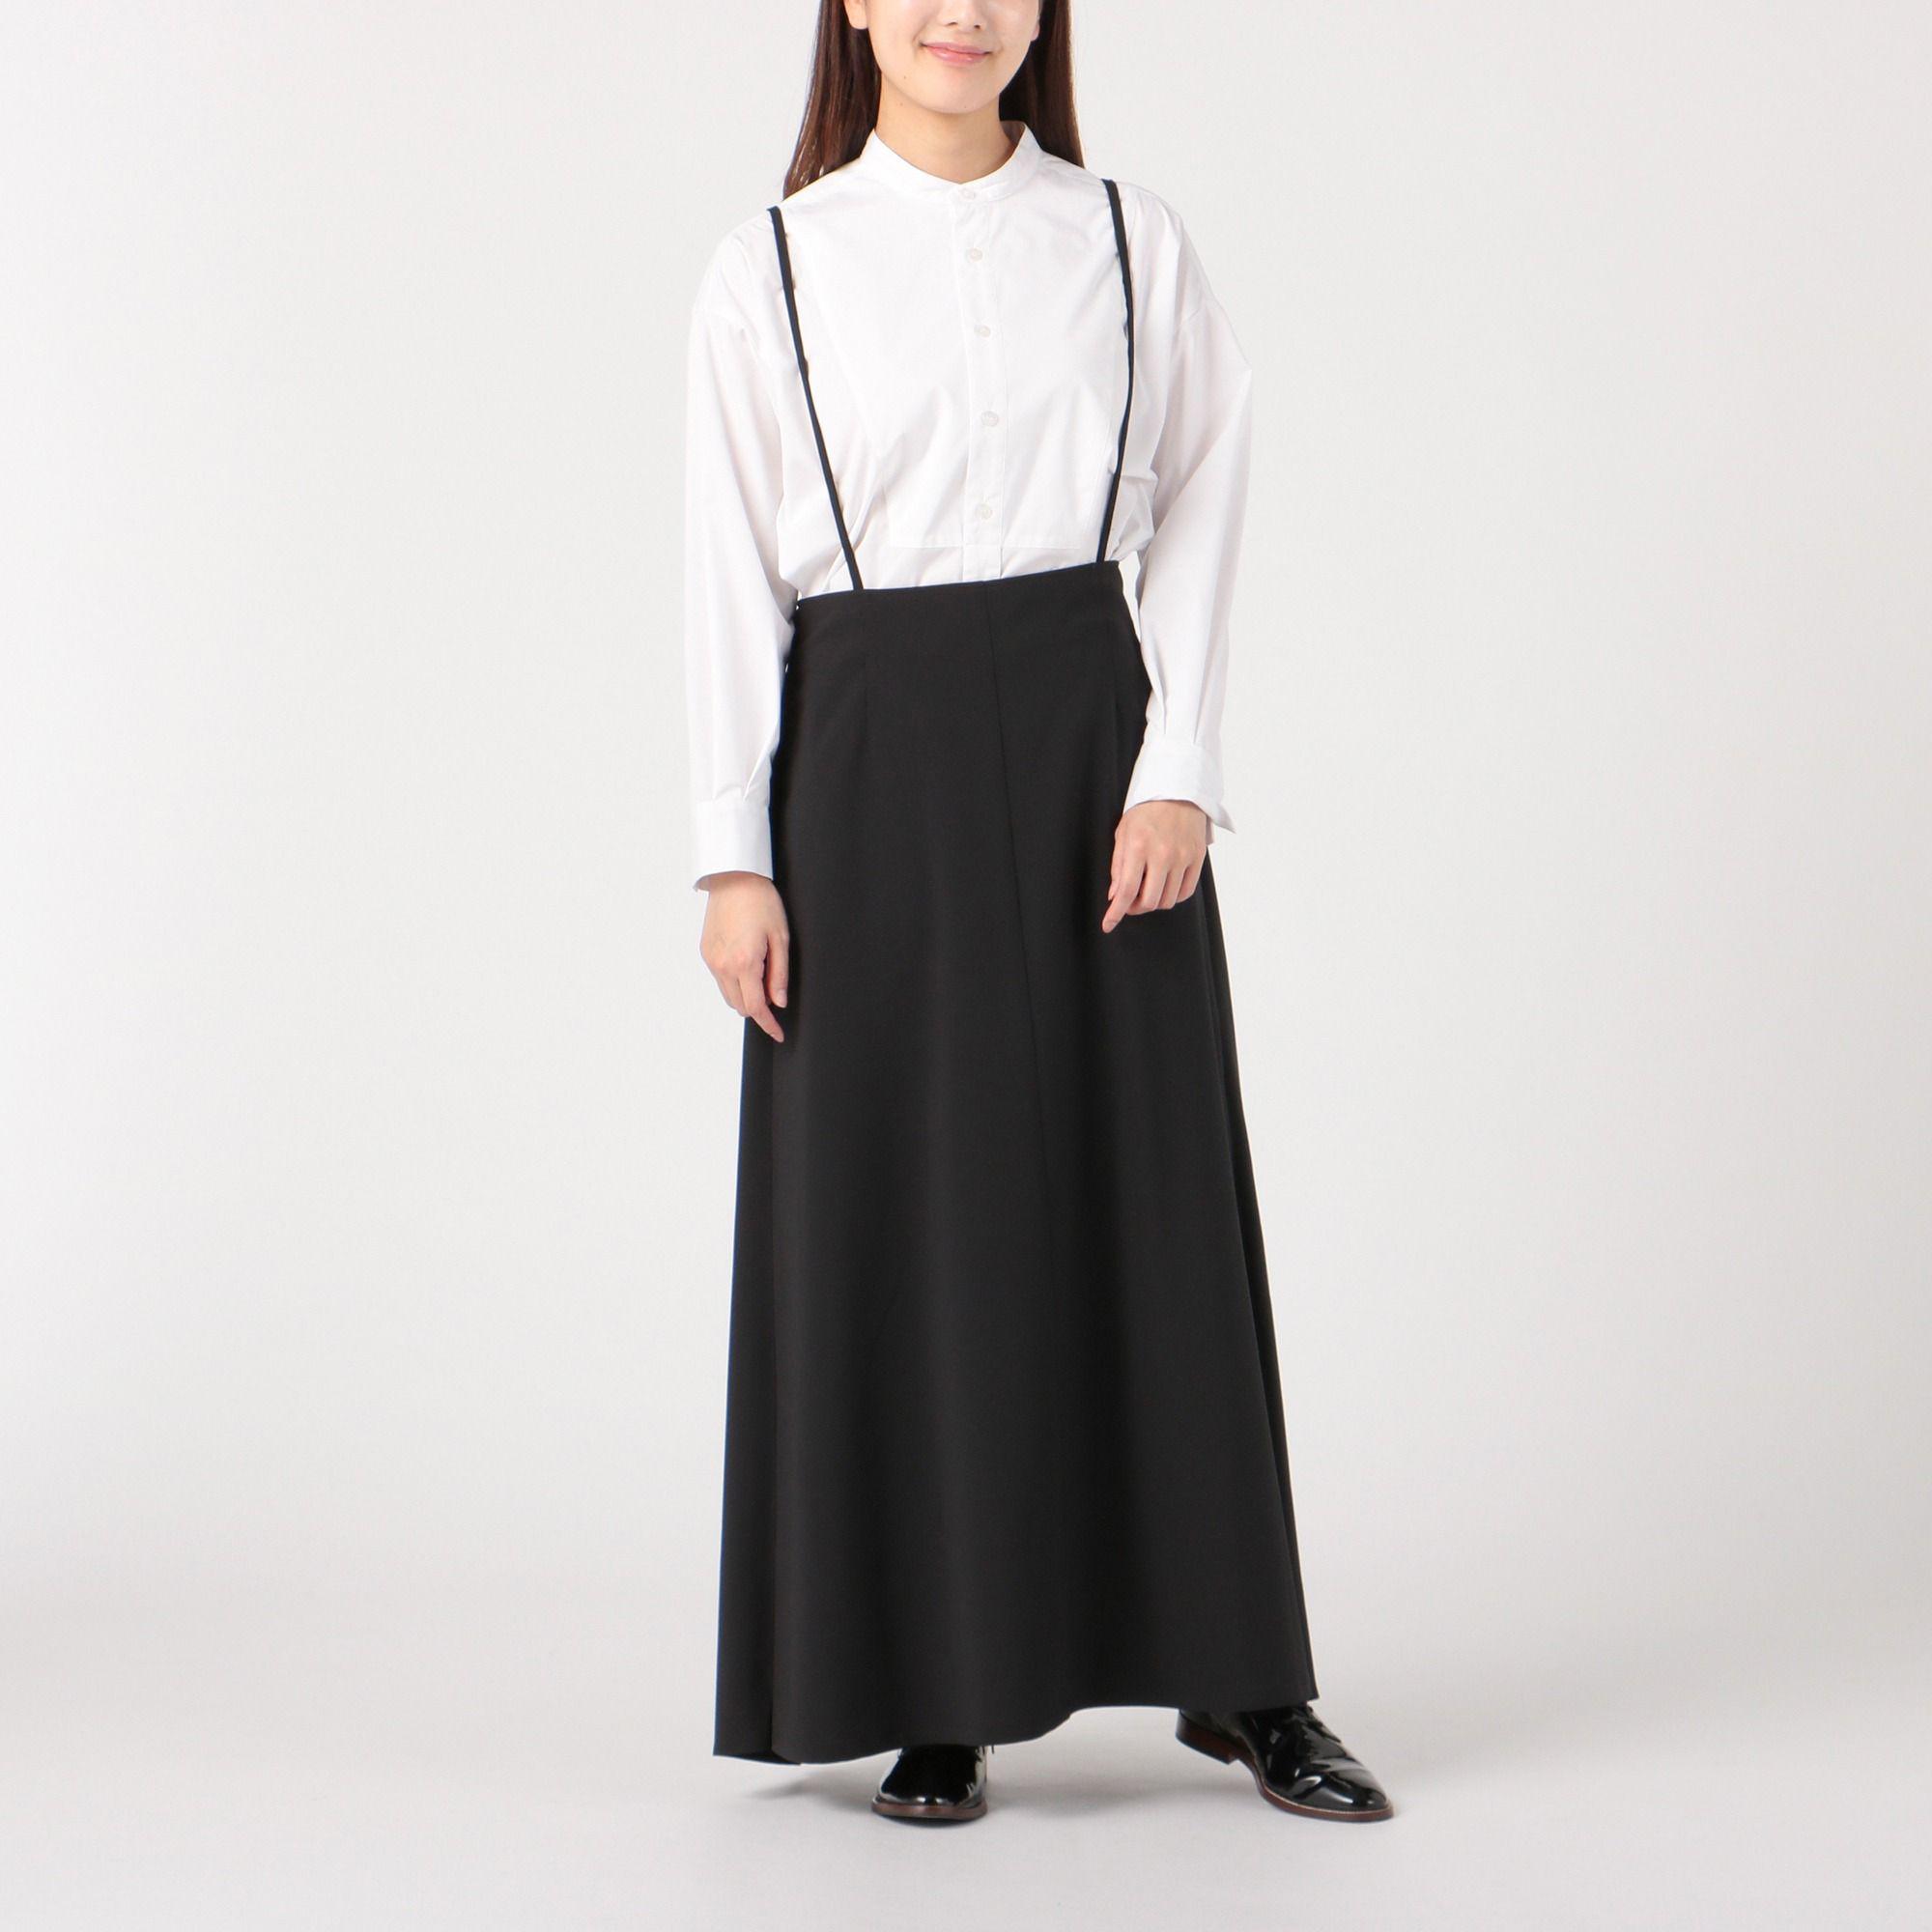 12closet(トゥエルブクローゼット)/【洗える】サスペンダー付きラップスカート